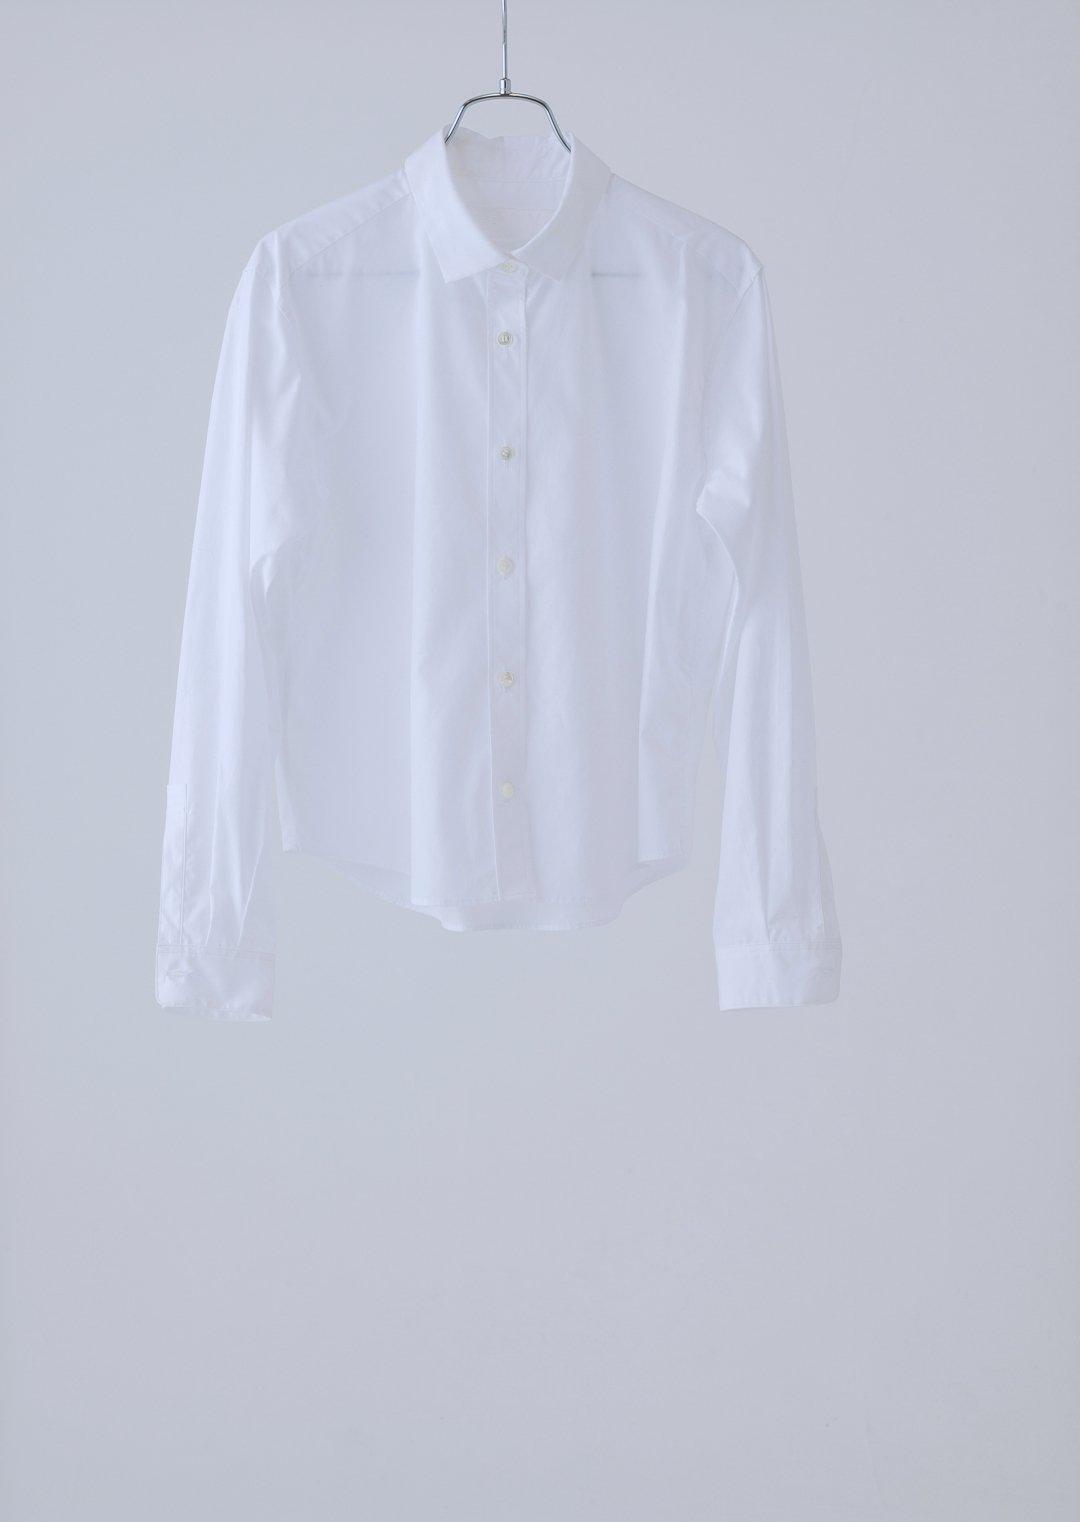 ボーイズシャツ